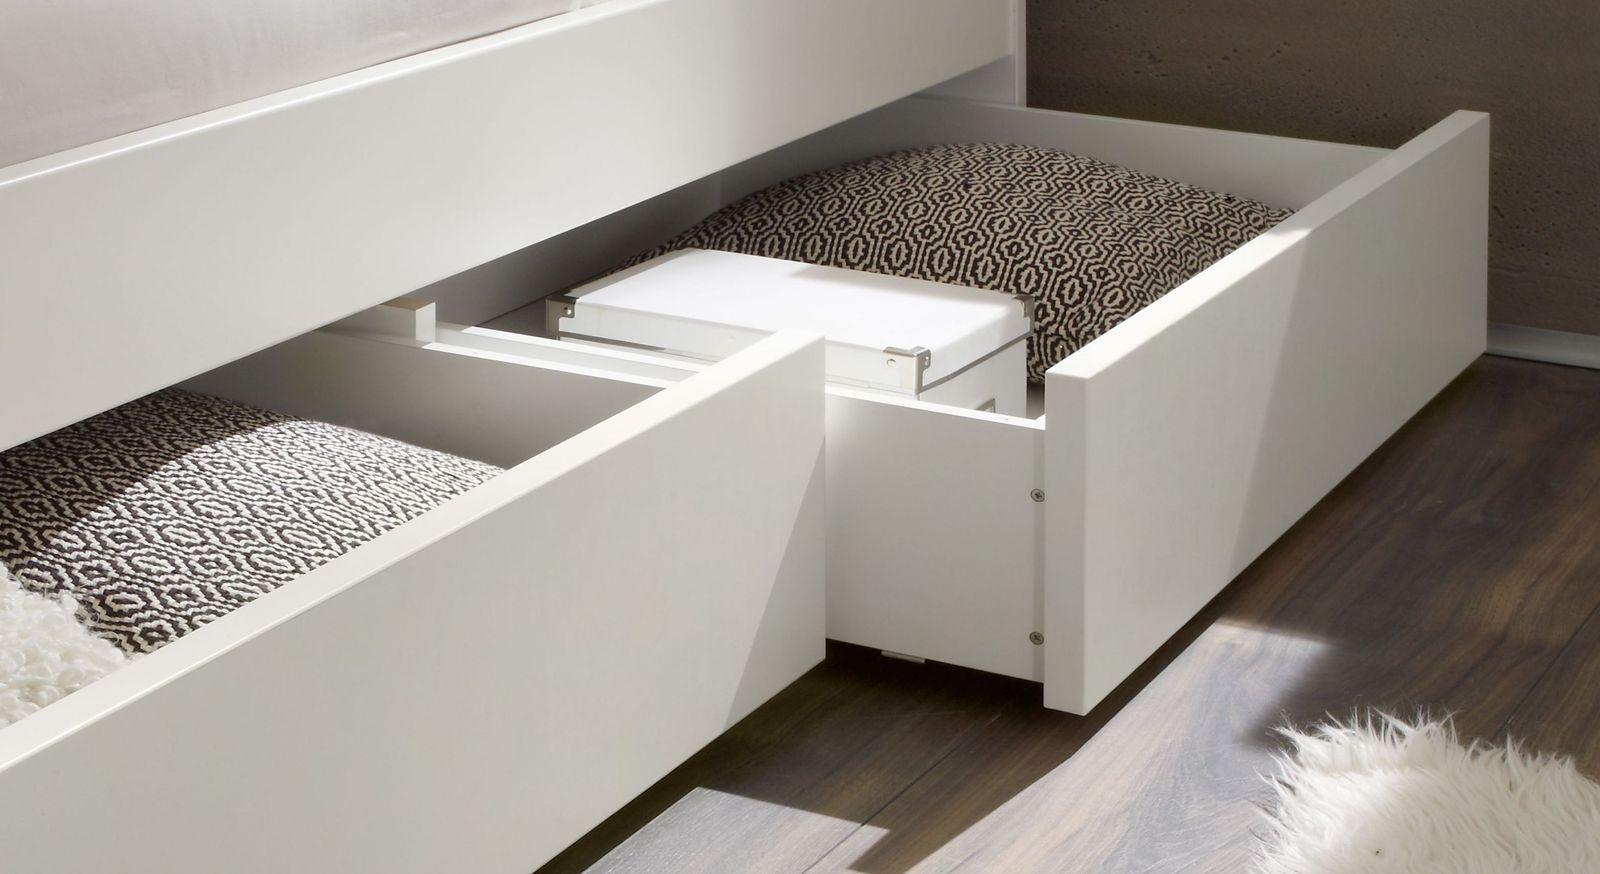 Bettkästen Tip-on-Beschläge für griffloses Öffnen